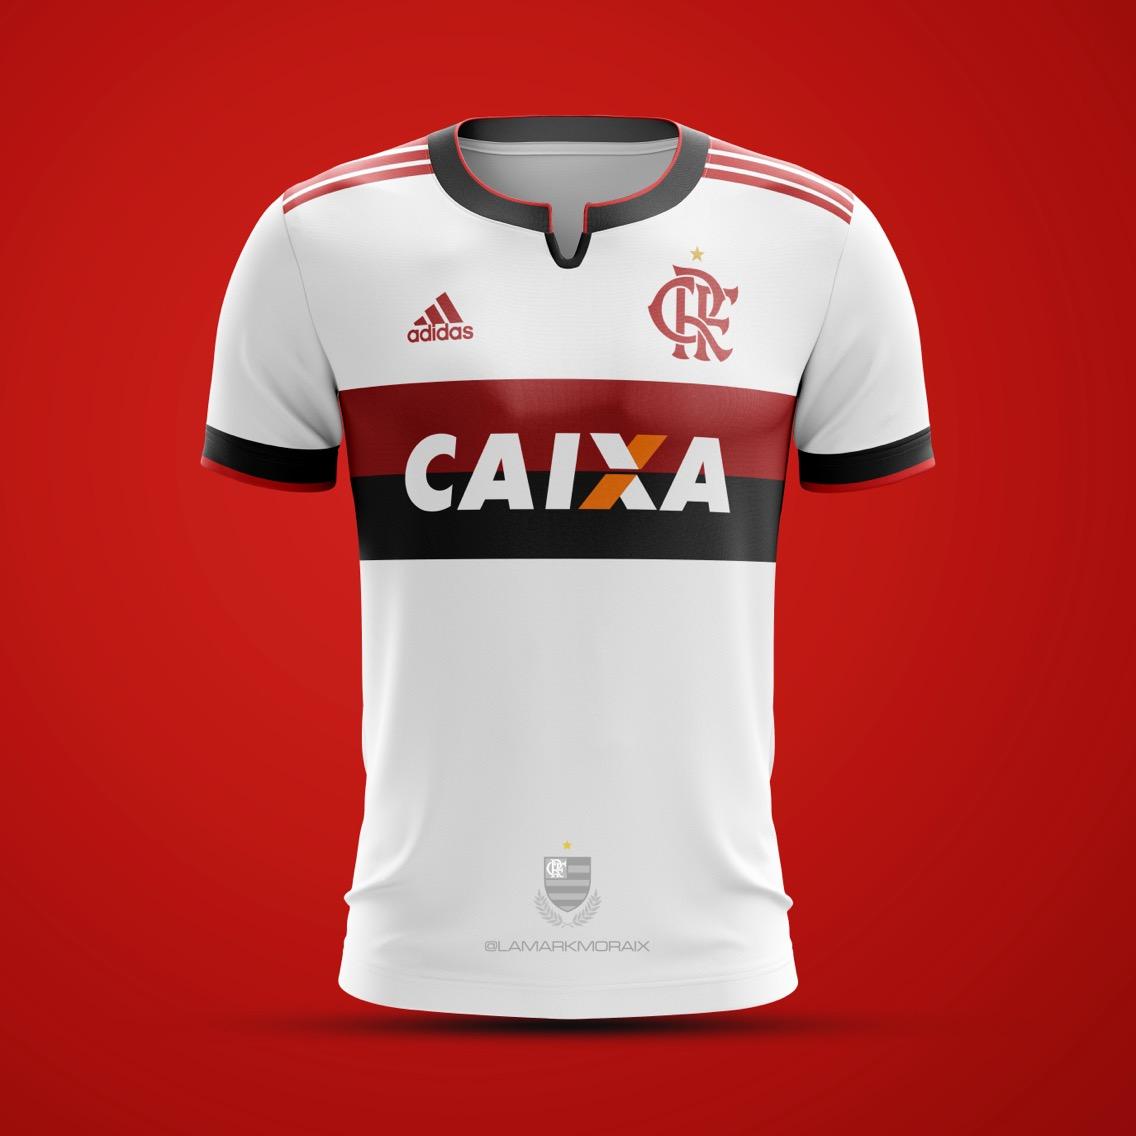 ... uniforme já tem o escudo de esportes terrestres. O critério para o  posicionamento das listras da Adidas e o formado da gola é o mesmo do  primeiro Manto. 0ed78431f92b3